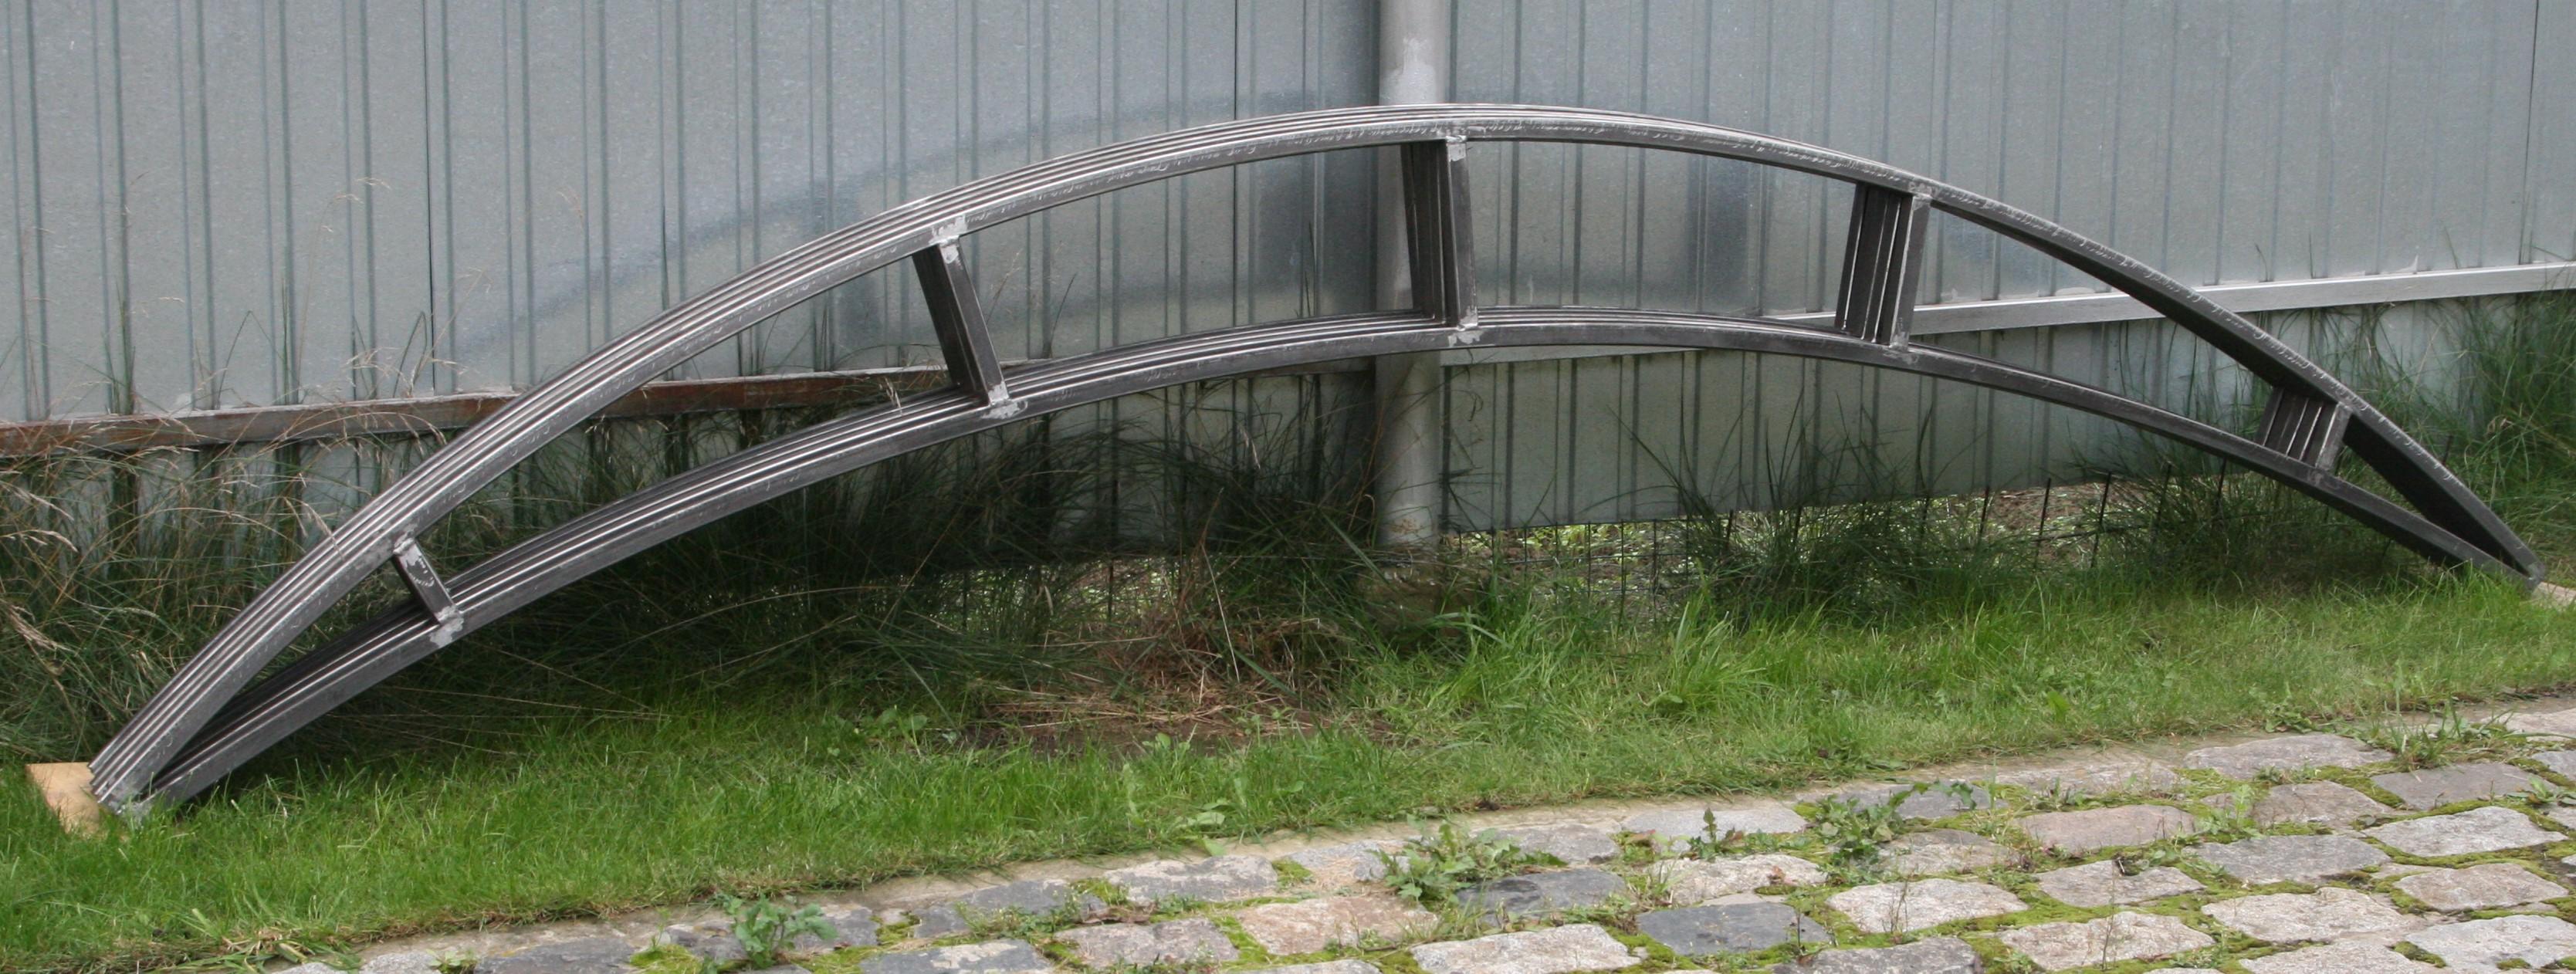 Ферма для навеса 4 метра